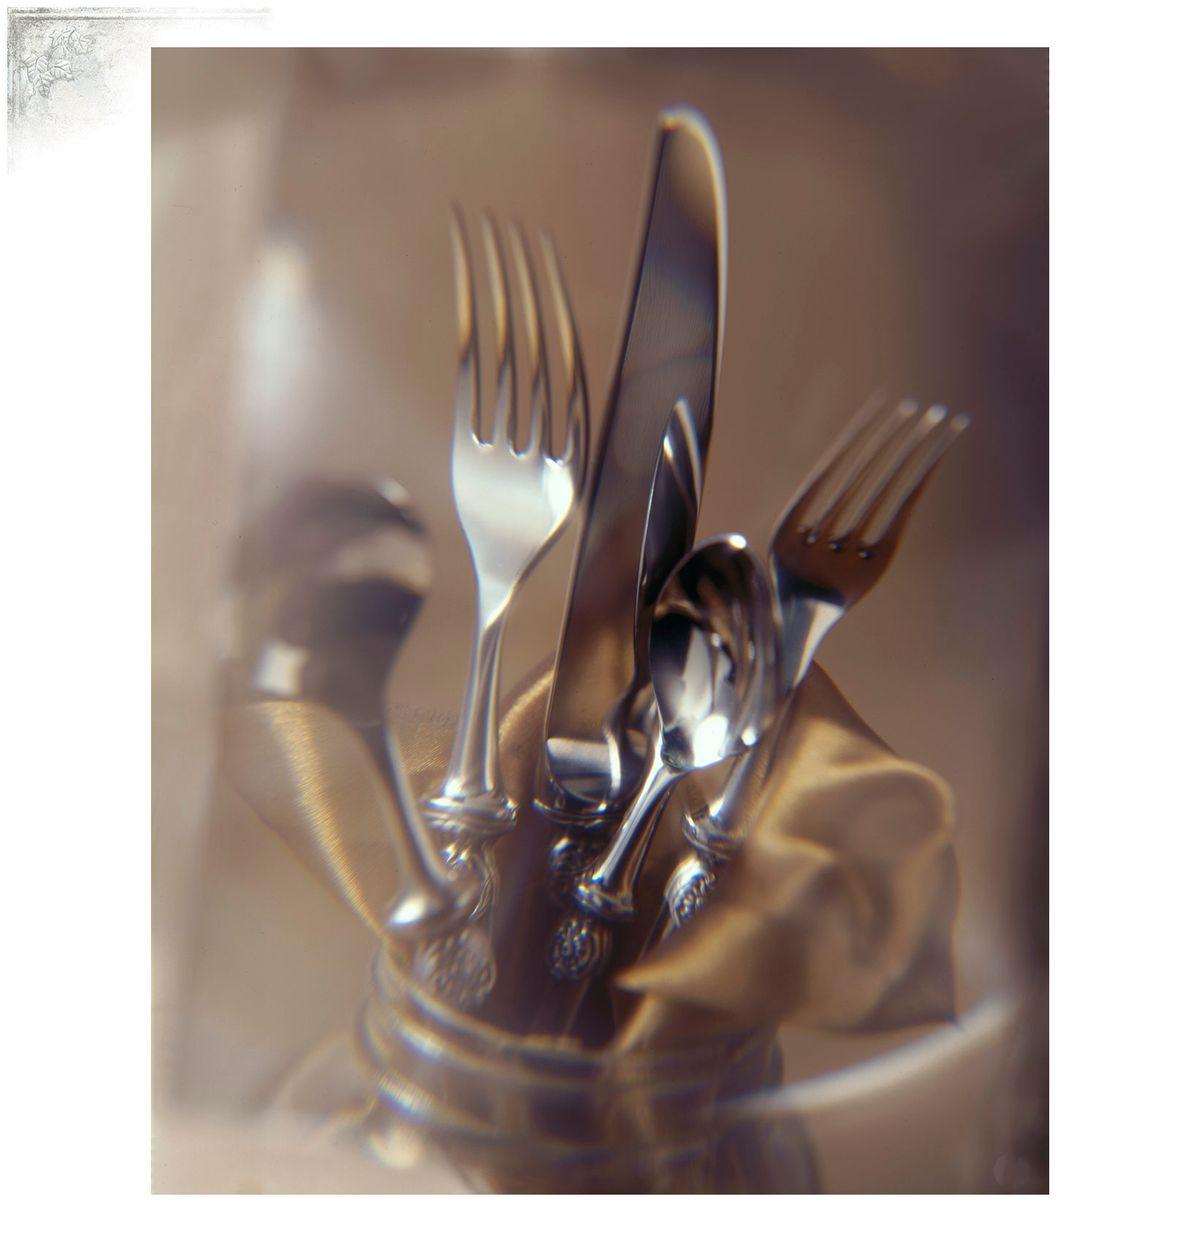 CutleryPortfPage.jpg